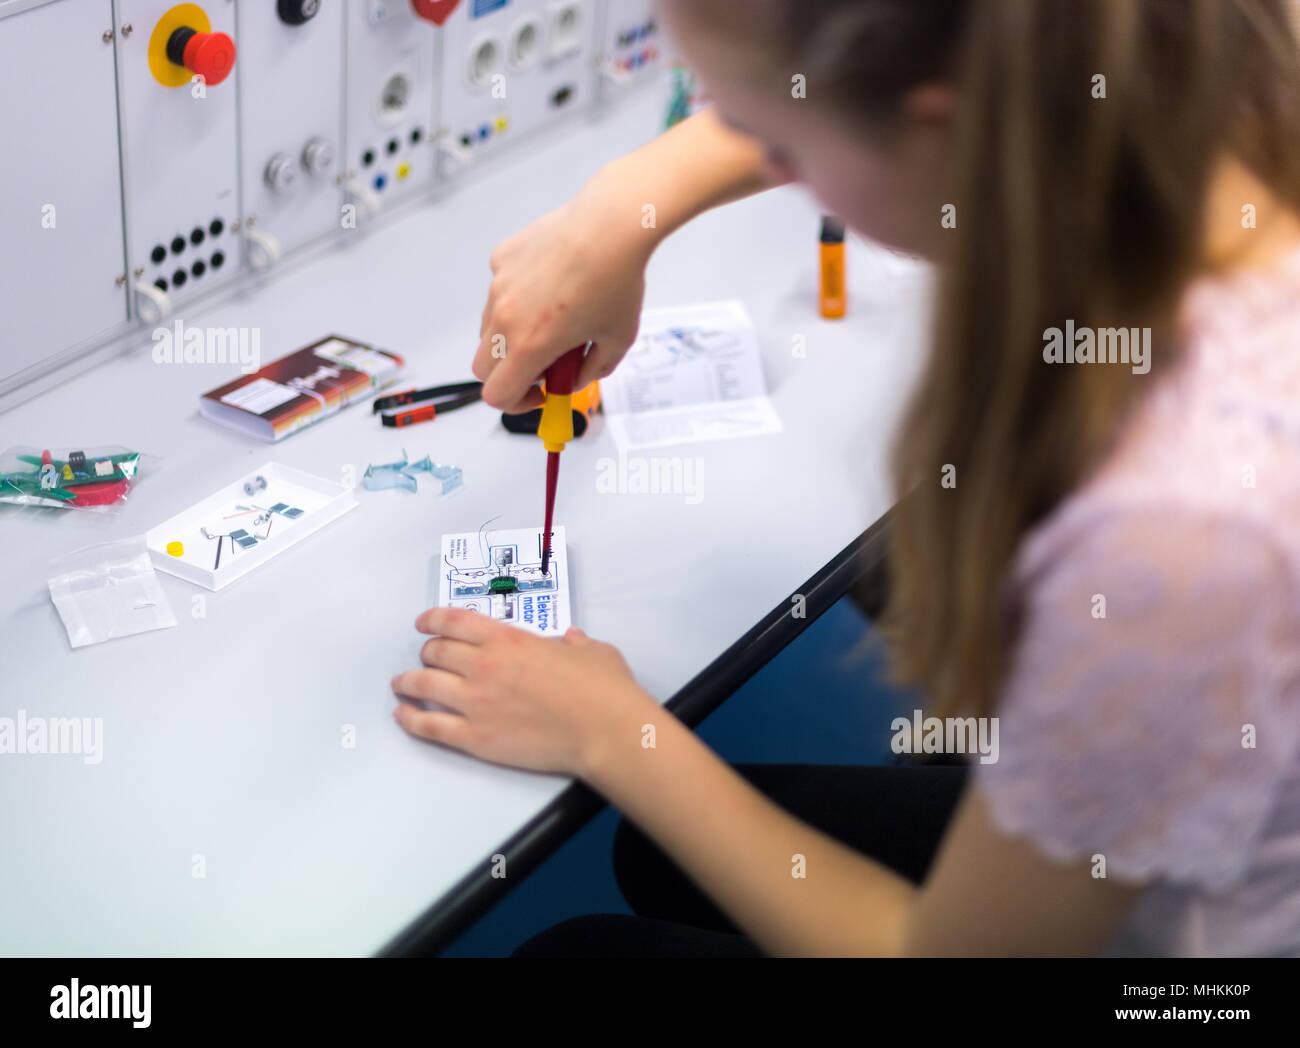 26. April 2018, Leipzig, Deutschland: ein Student Gebäude einen Elektromotor im Ausbildungszentrum der Siemens Professional Education als Teil der bundesweiten Girls' Day. Am Girls' Day, Schülerinnen können einen Geschmack der technischen, wissenschaftlichen und Handwerk erhalten. Foto: Monika Skolimowska/dpa-Zentralbild/dpa Stockbild